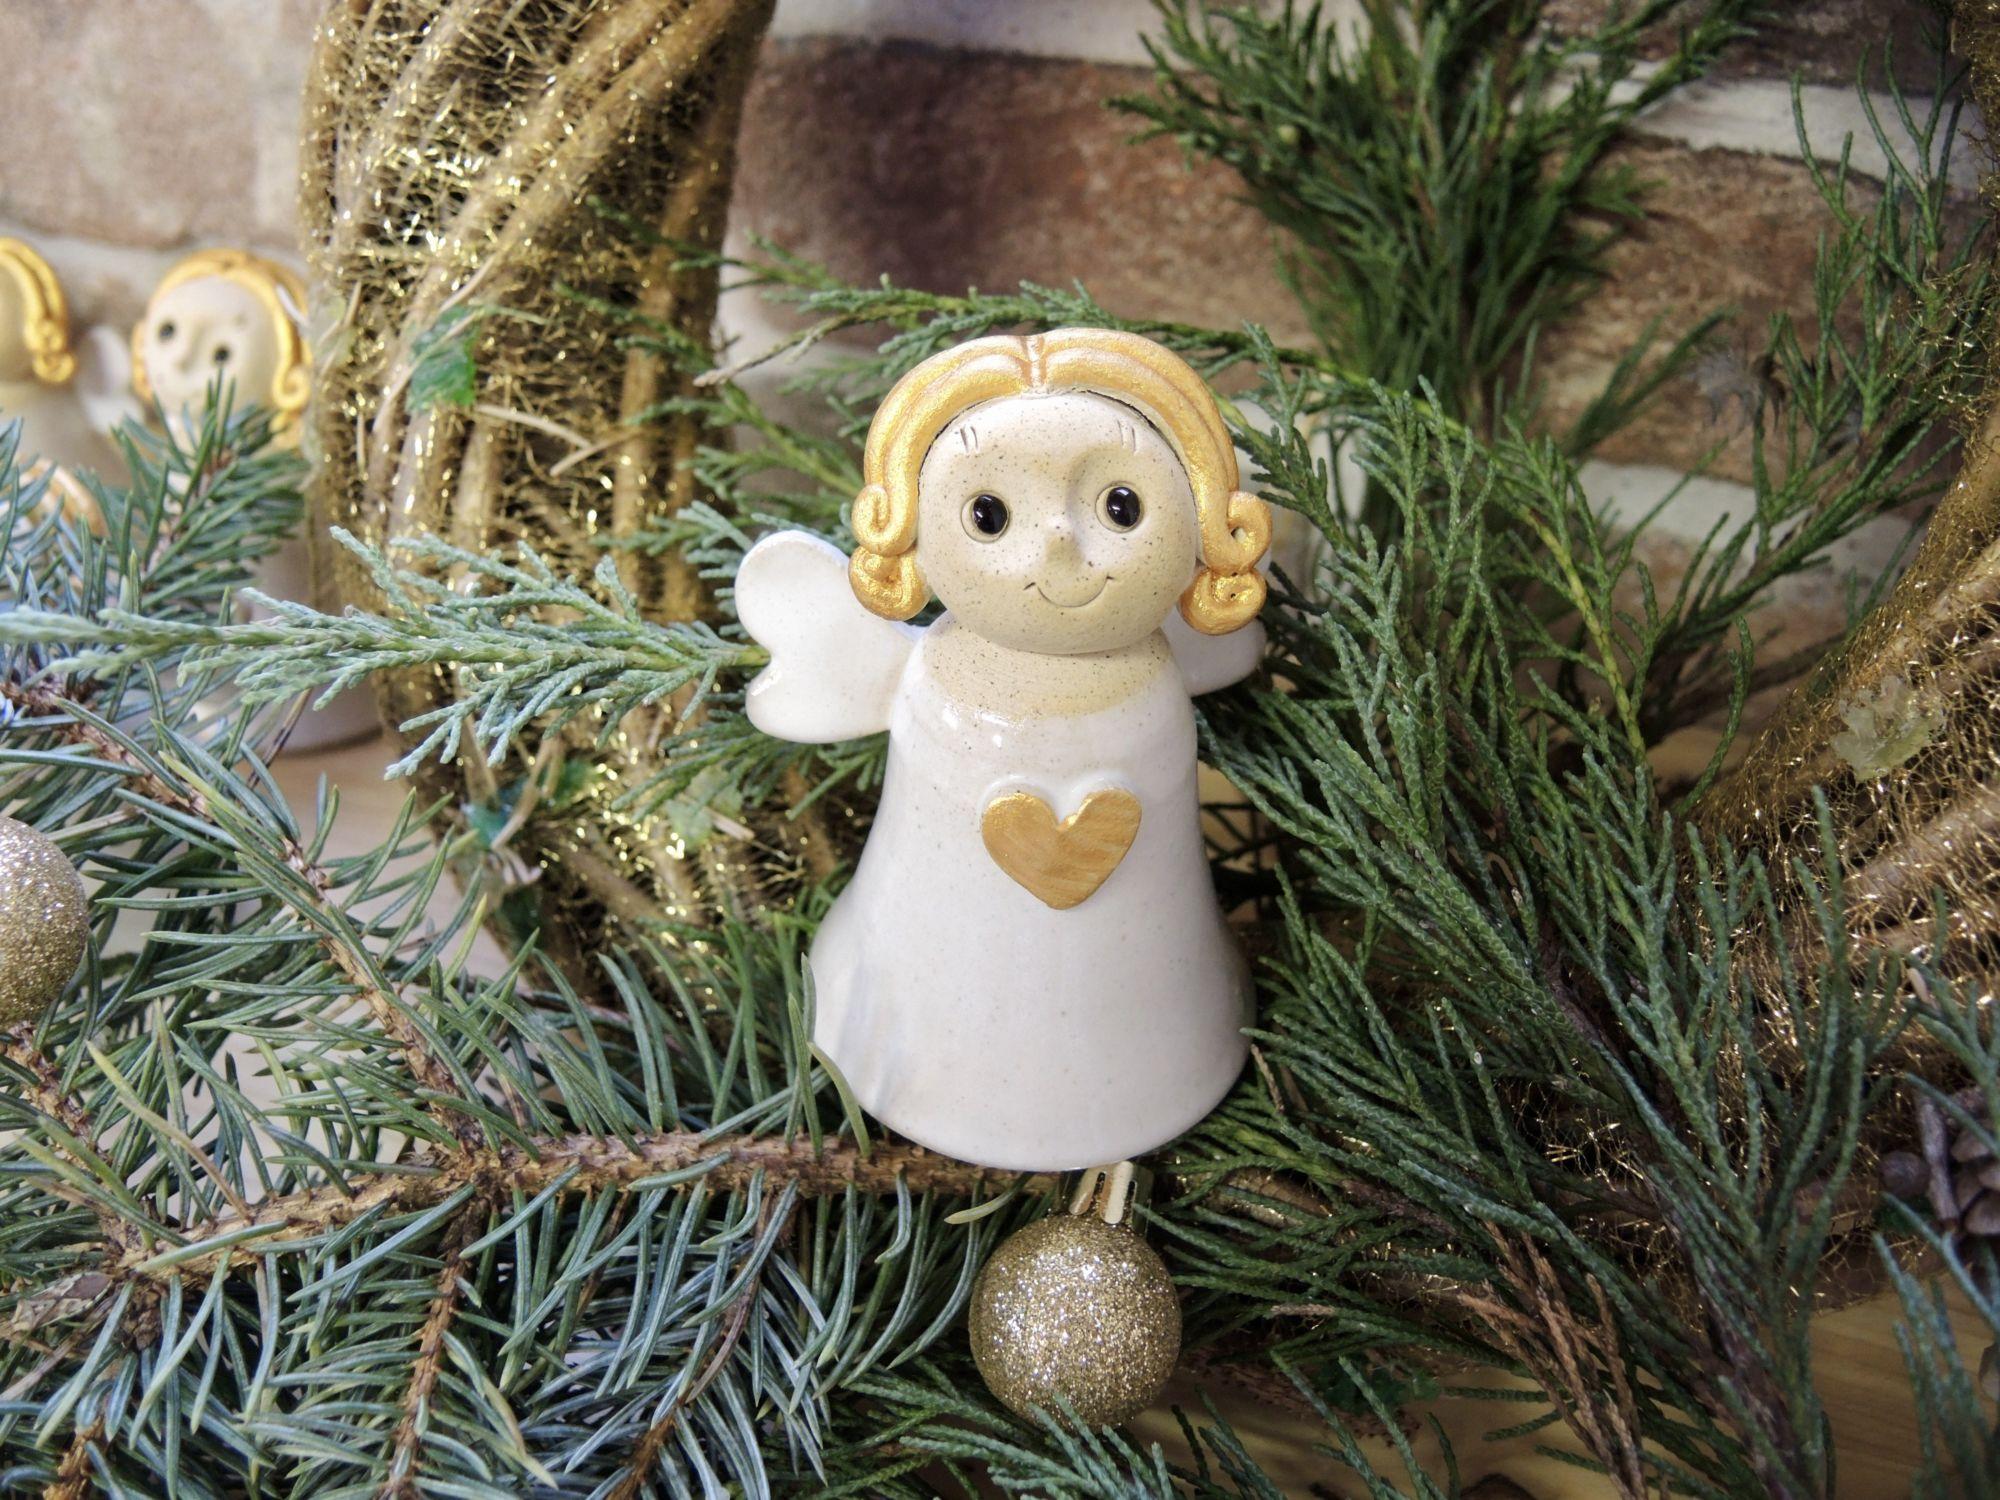 anděl andílek zvonek zvoneček kzavěšení dekorace srdce hvězda vánoce keramika keramikaandee